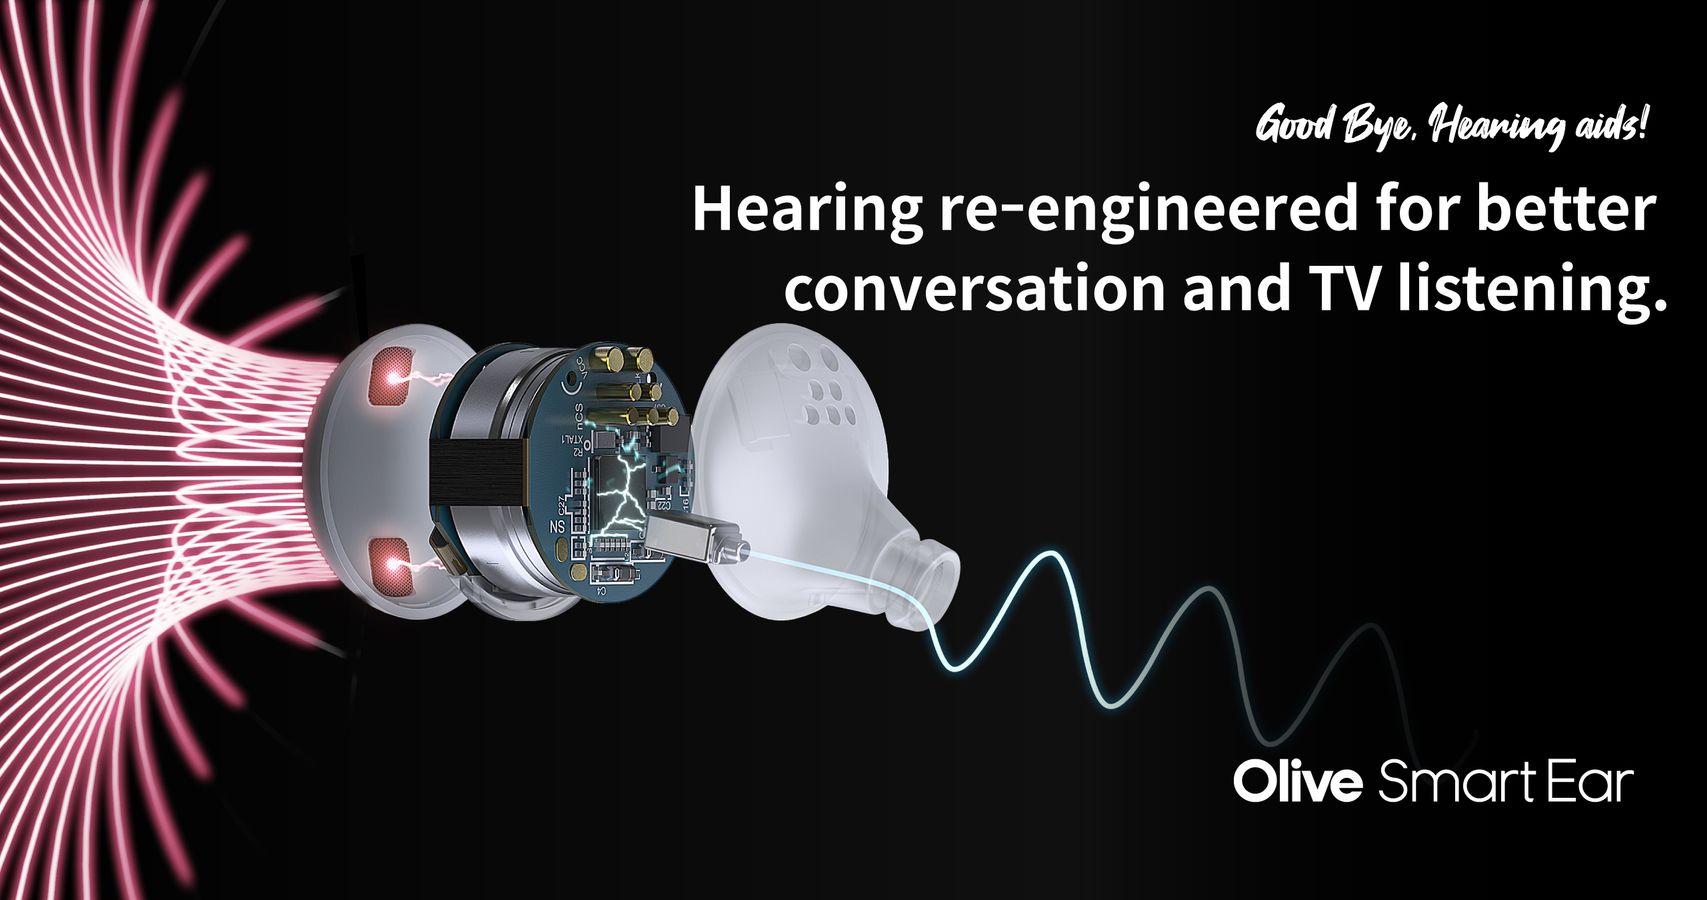 olive smart ear udito